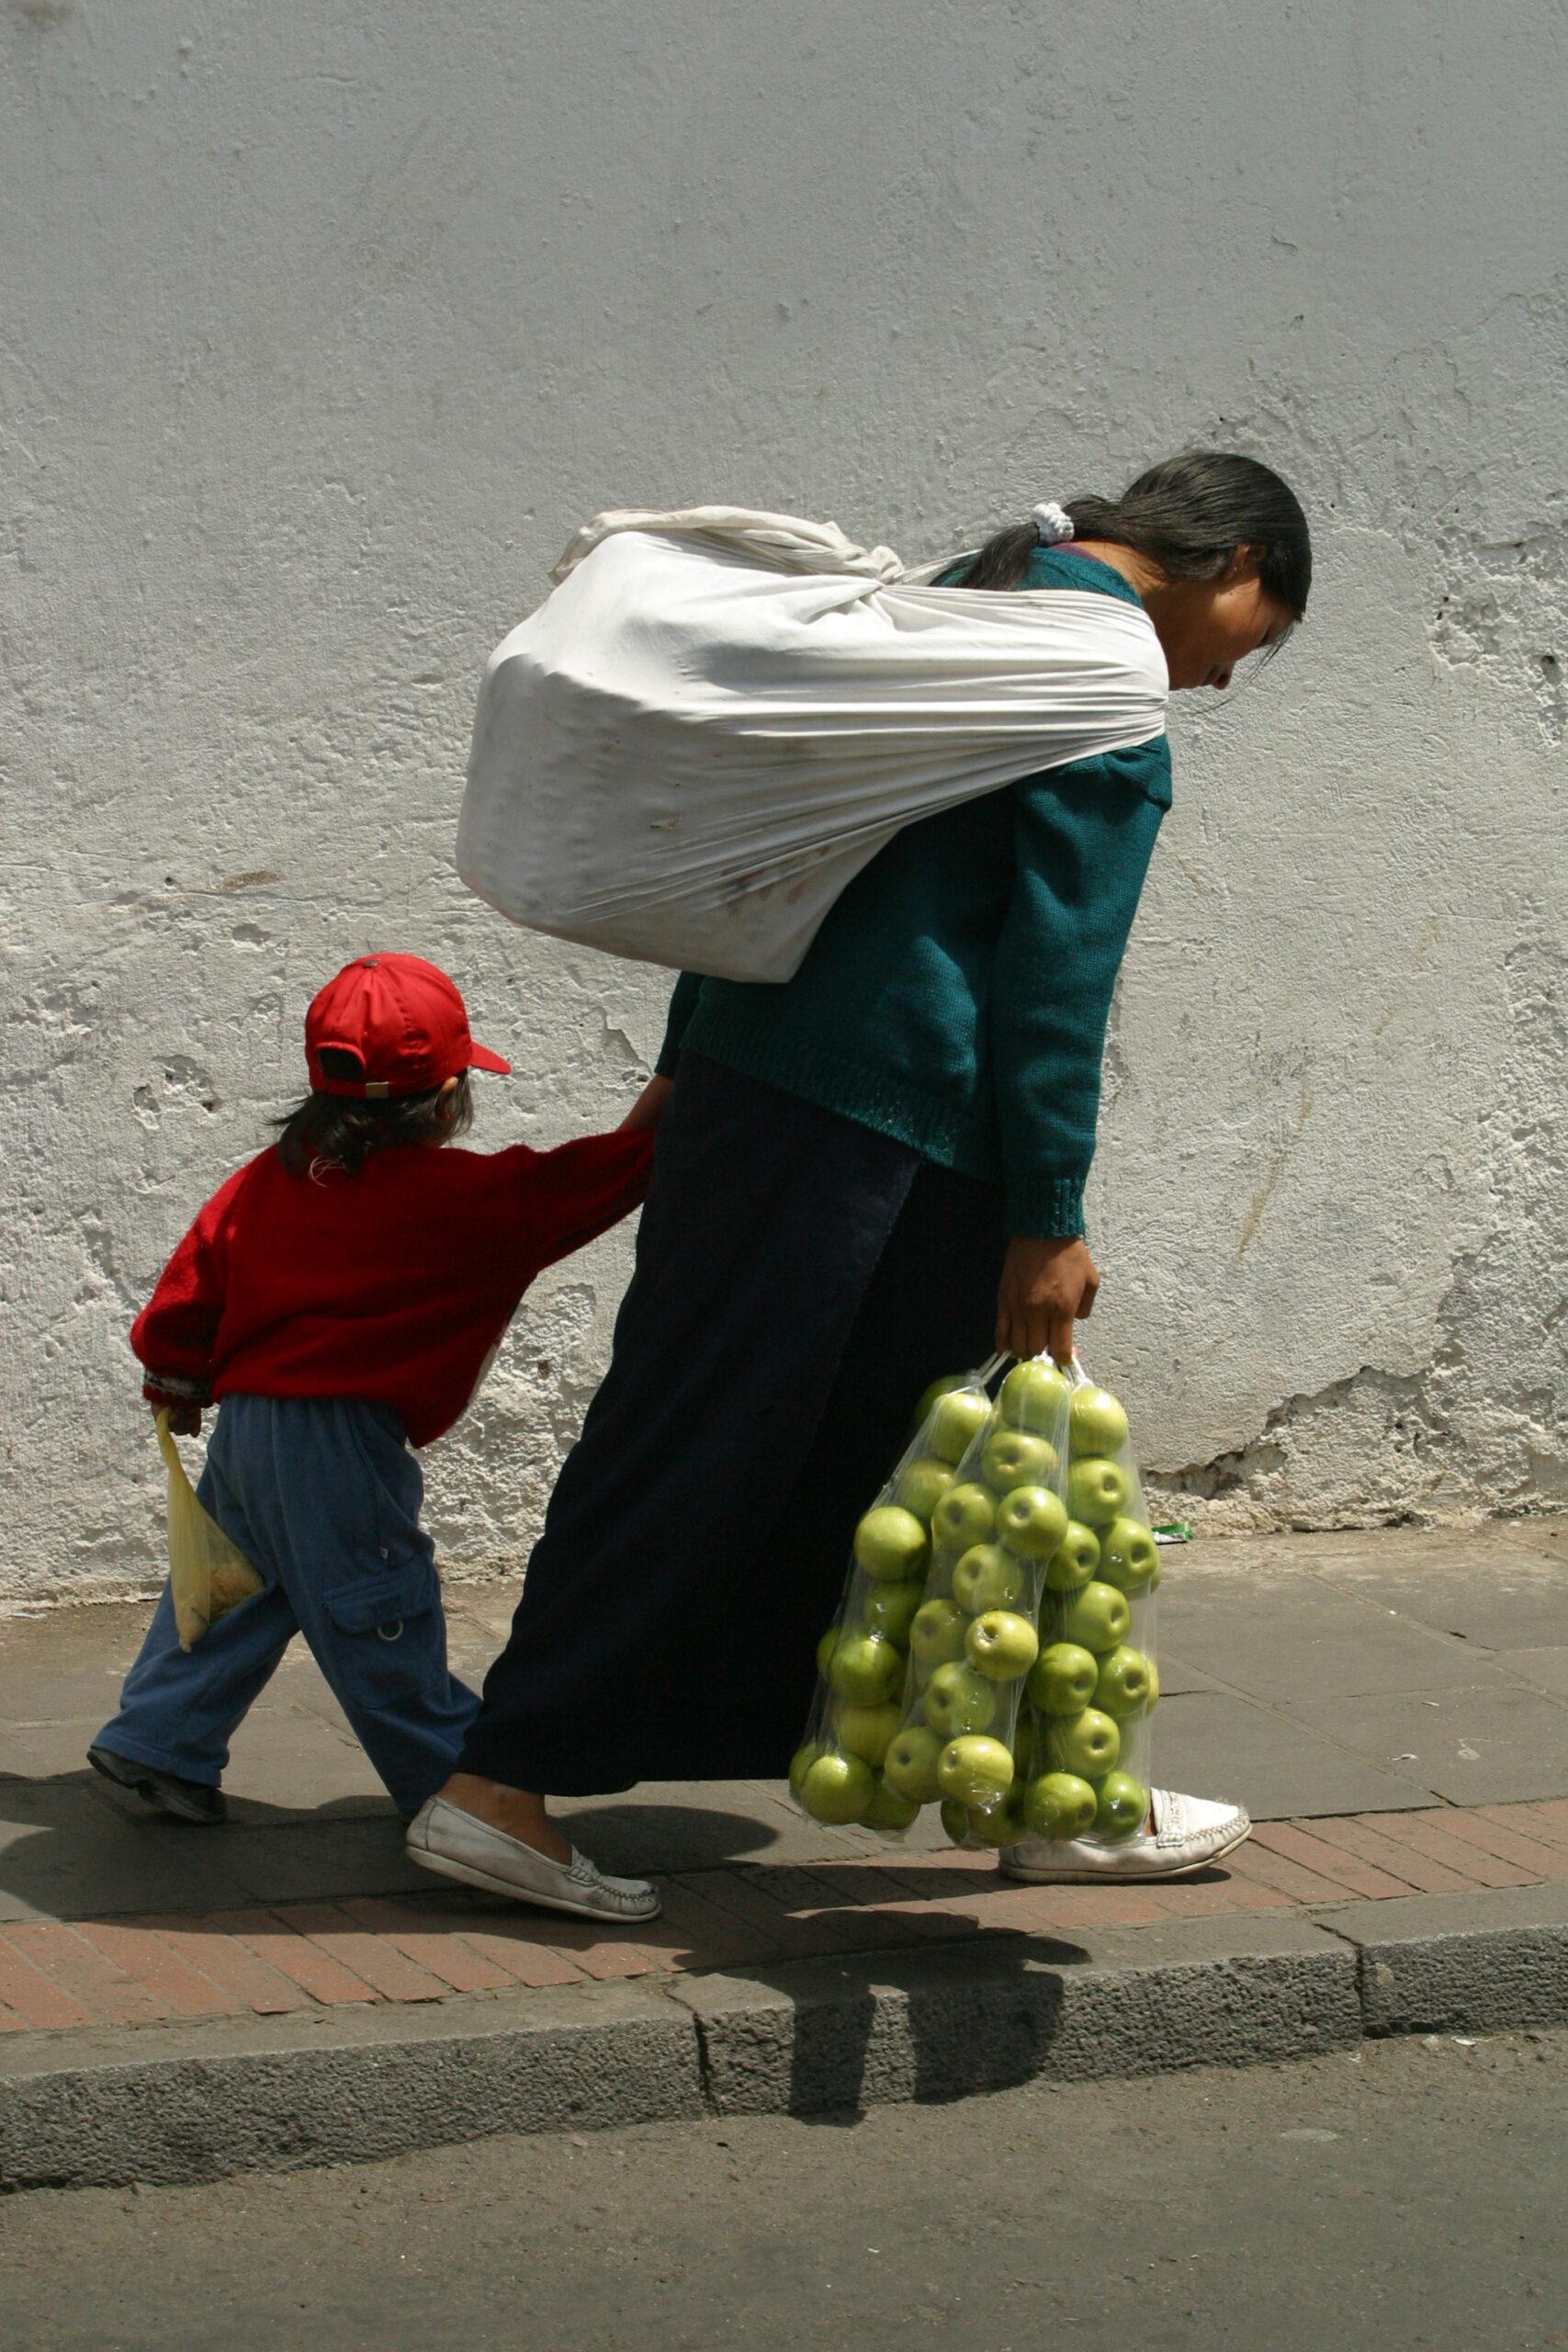 Imagen de la noticia Promoviendo el acceso al empleo y autoempleo digno para mujeres jóvenes y adultas del municipio de San Juan Sacatepéquez, Guatemala